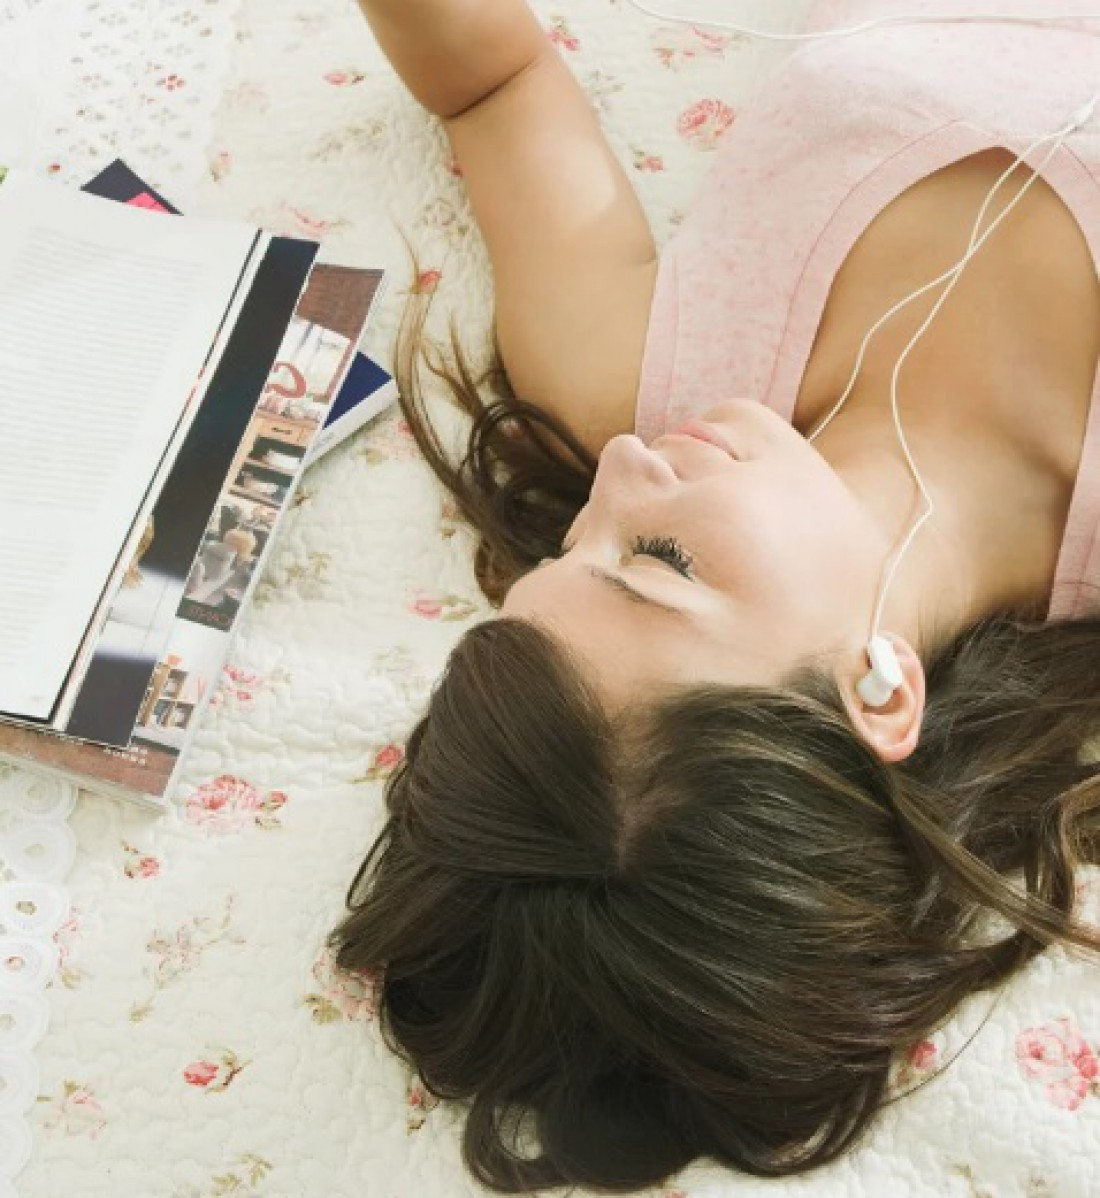 Музыка выходного дня: плейлист